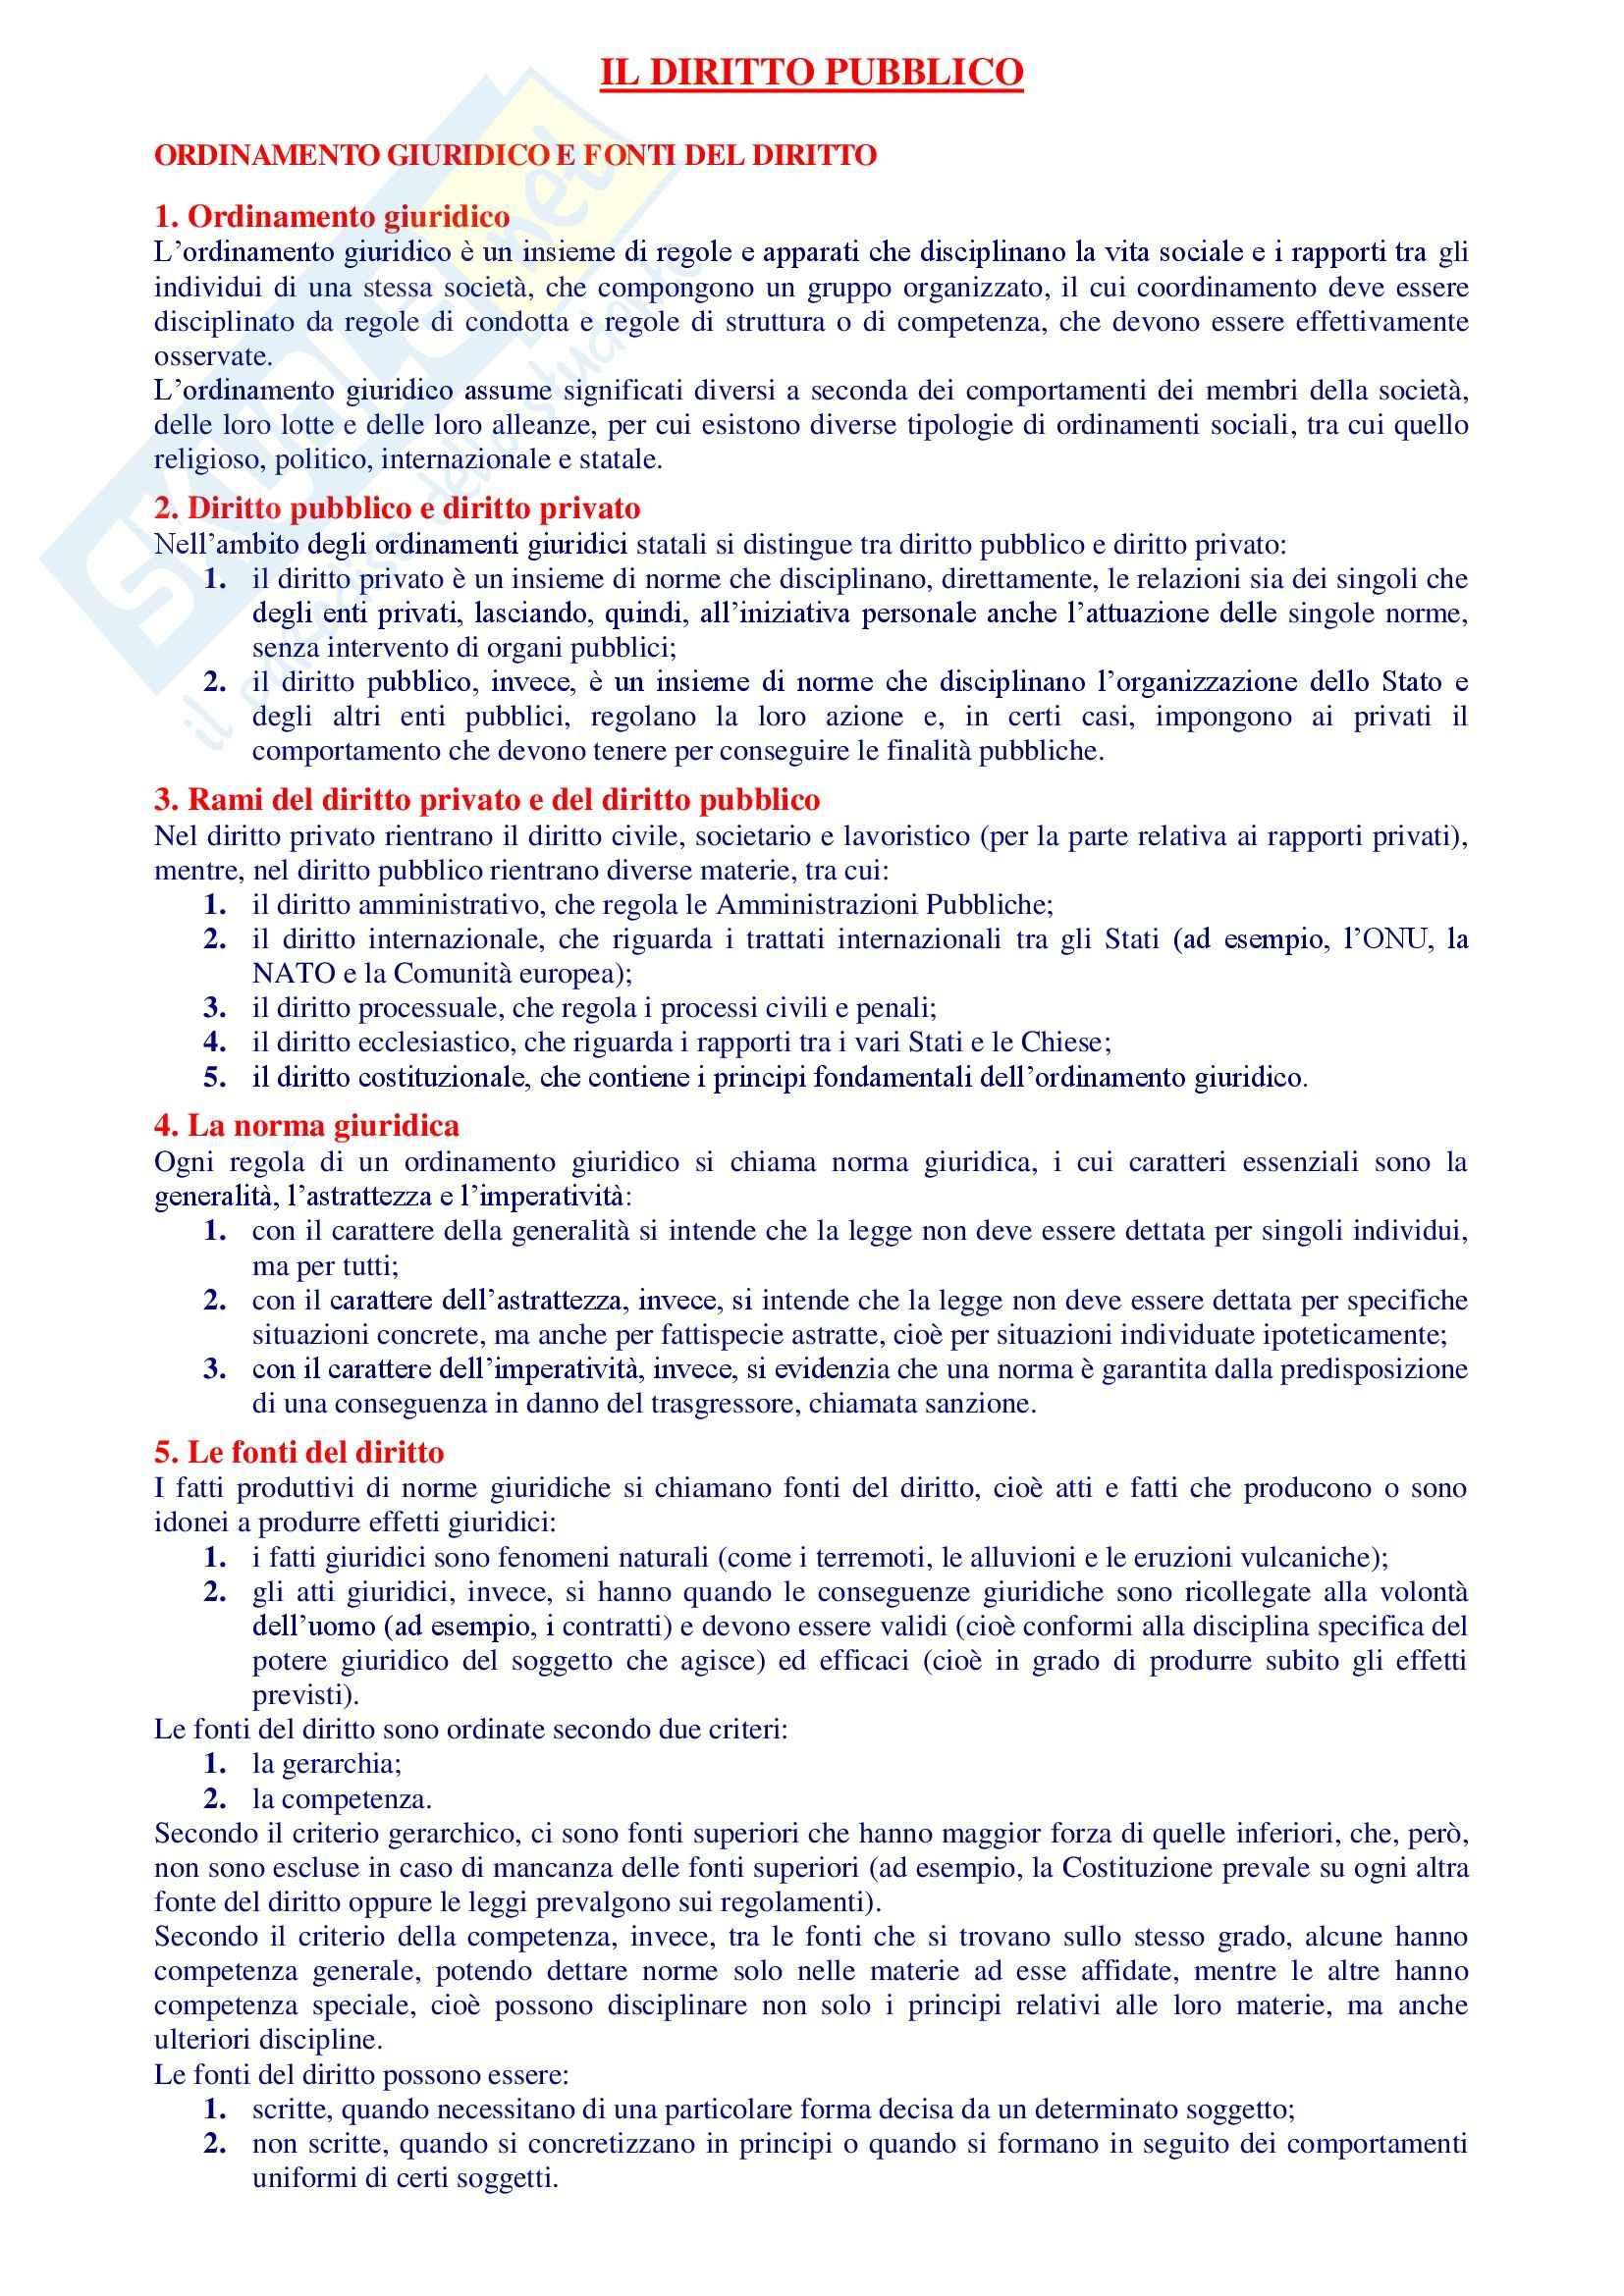 Riassunto esame Istituzioni di Diritto Pubblico, libro adottato Manuale di Diritto Pubblico, Rossano